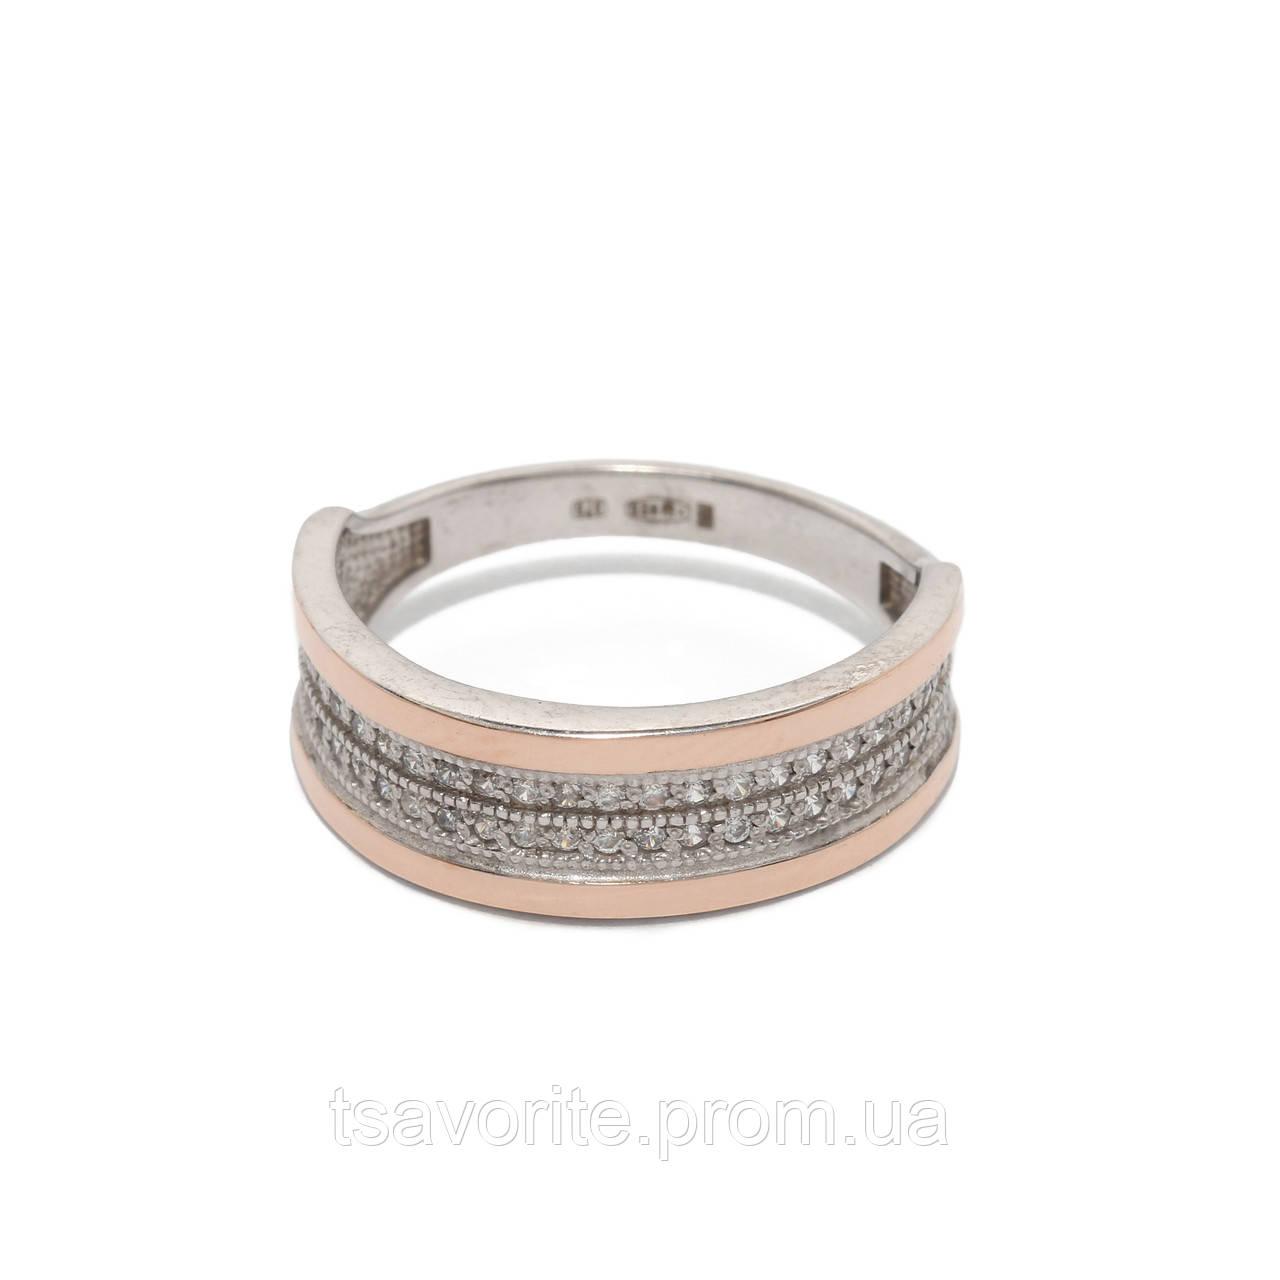 Серебряное кольцо с золотом 500439-ЗНР